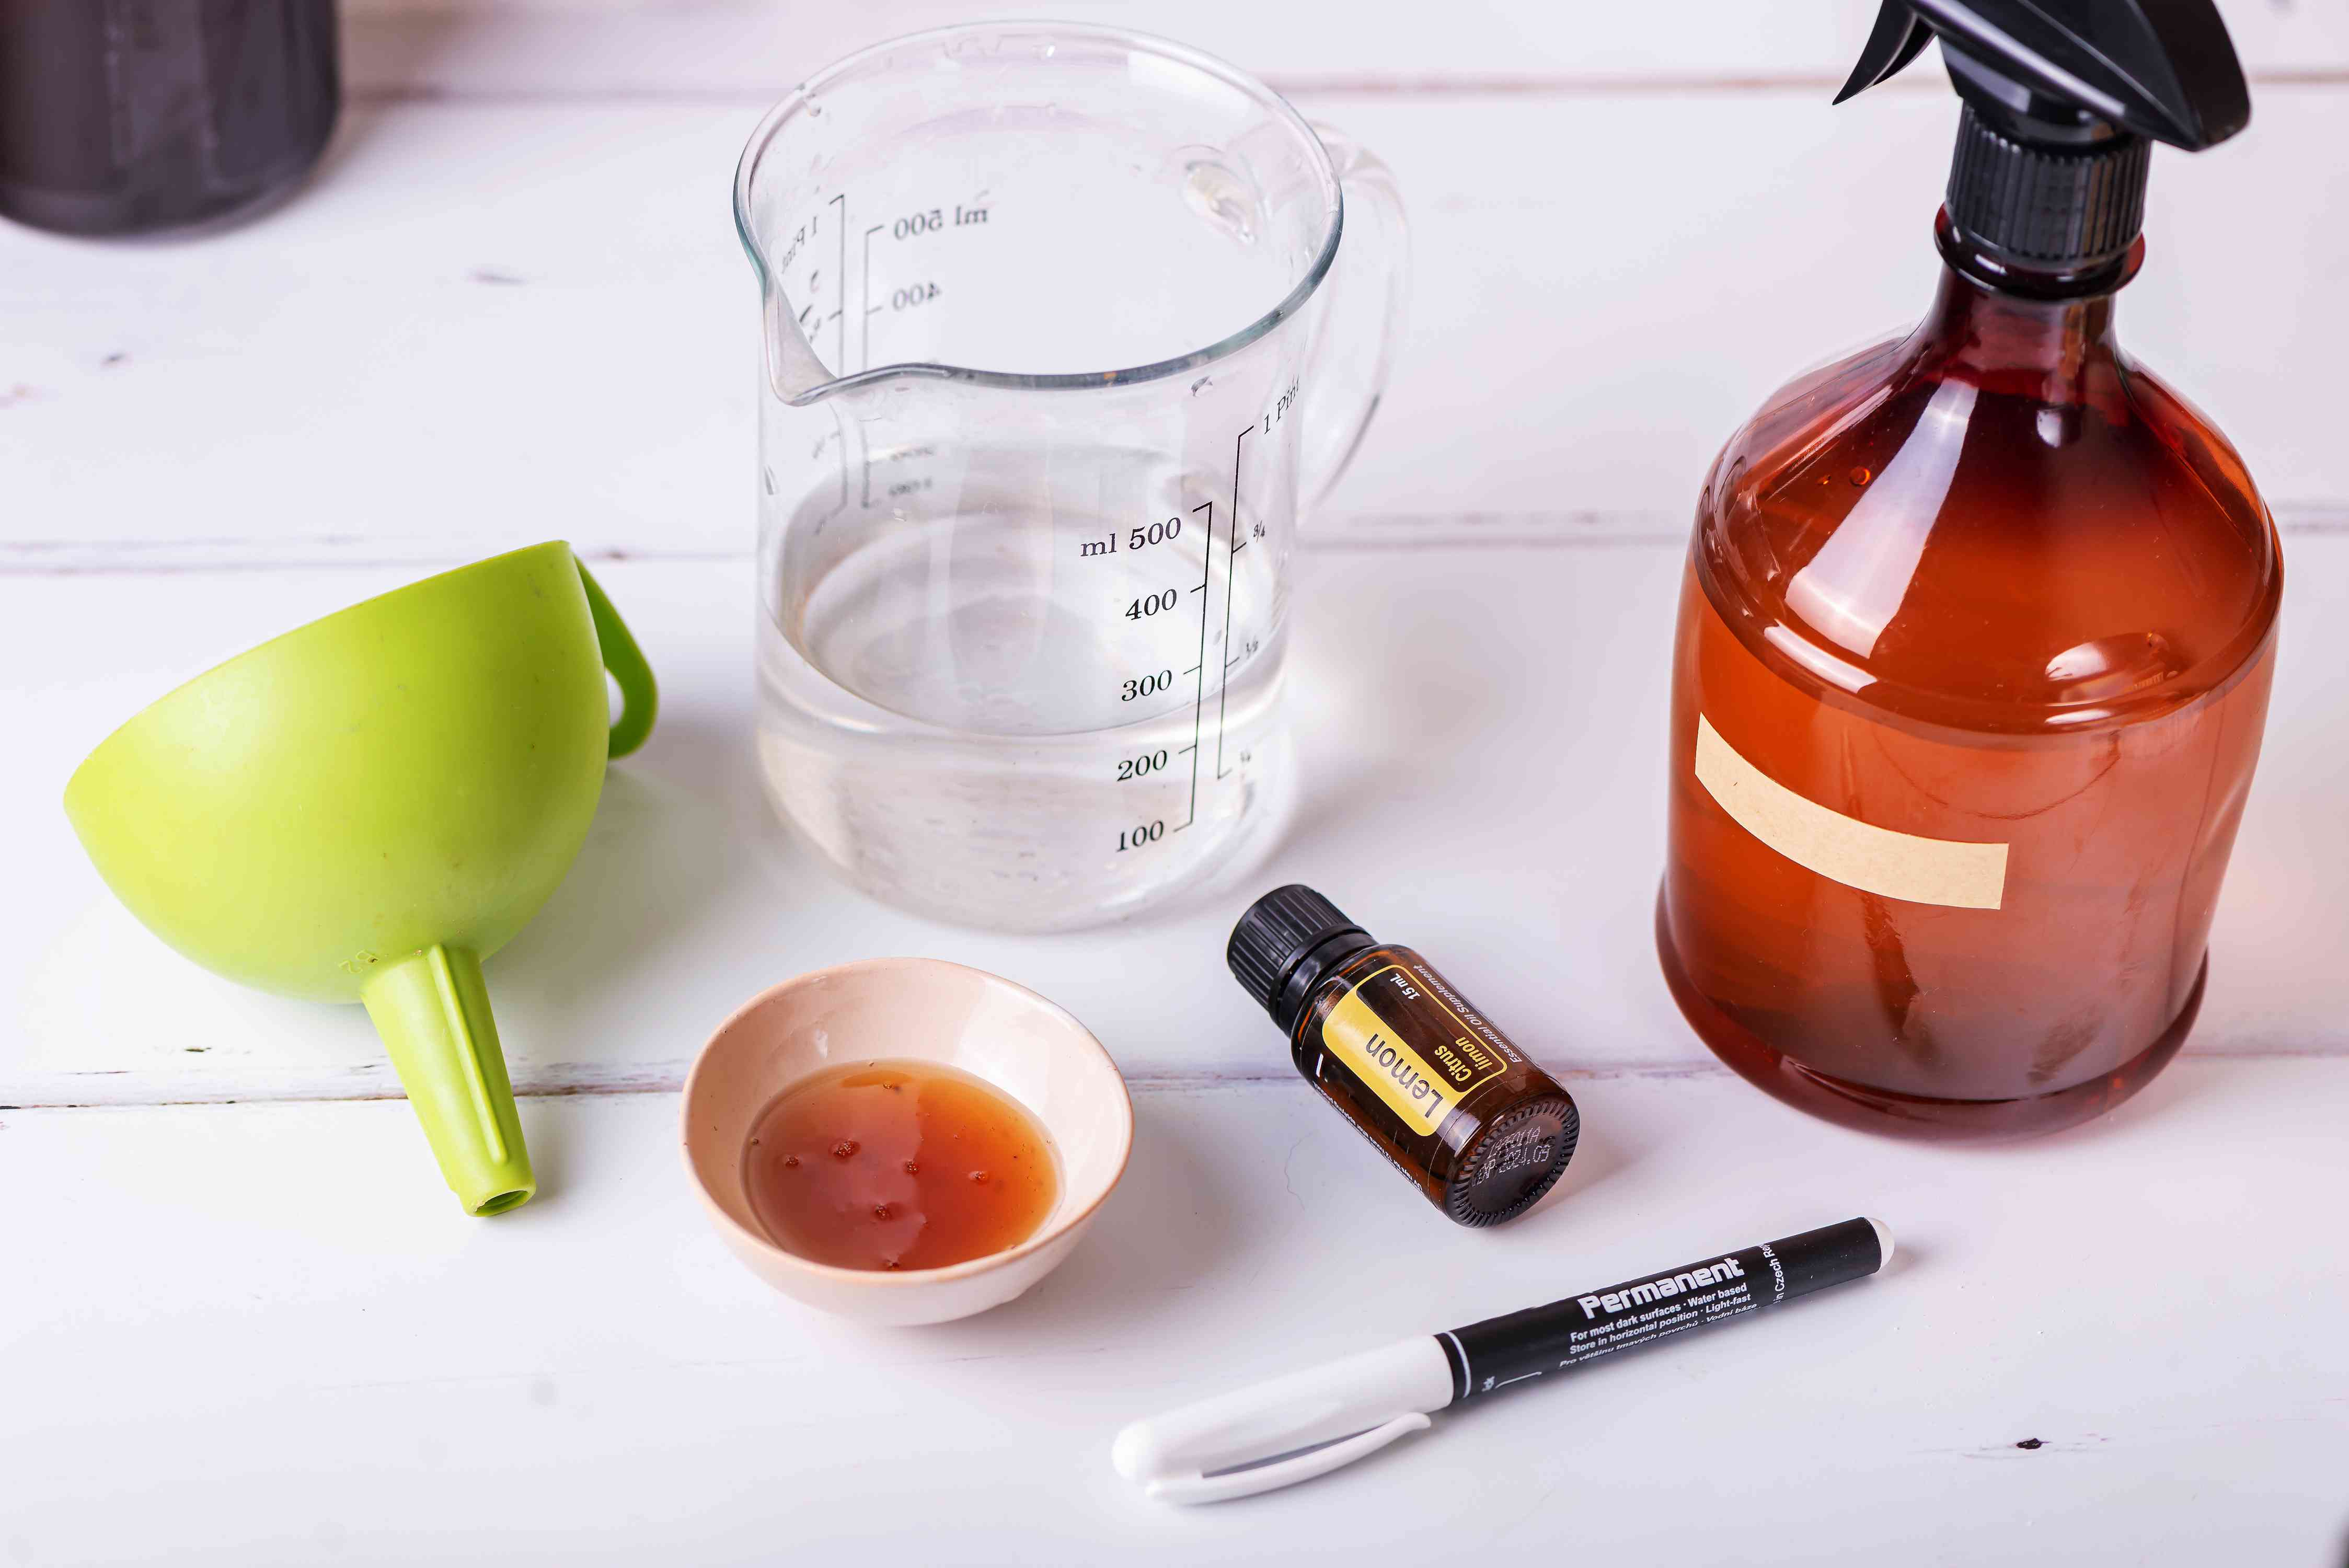 materials for making homemade castile soap spray